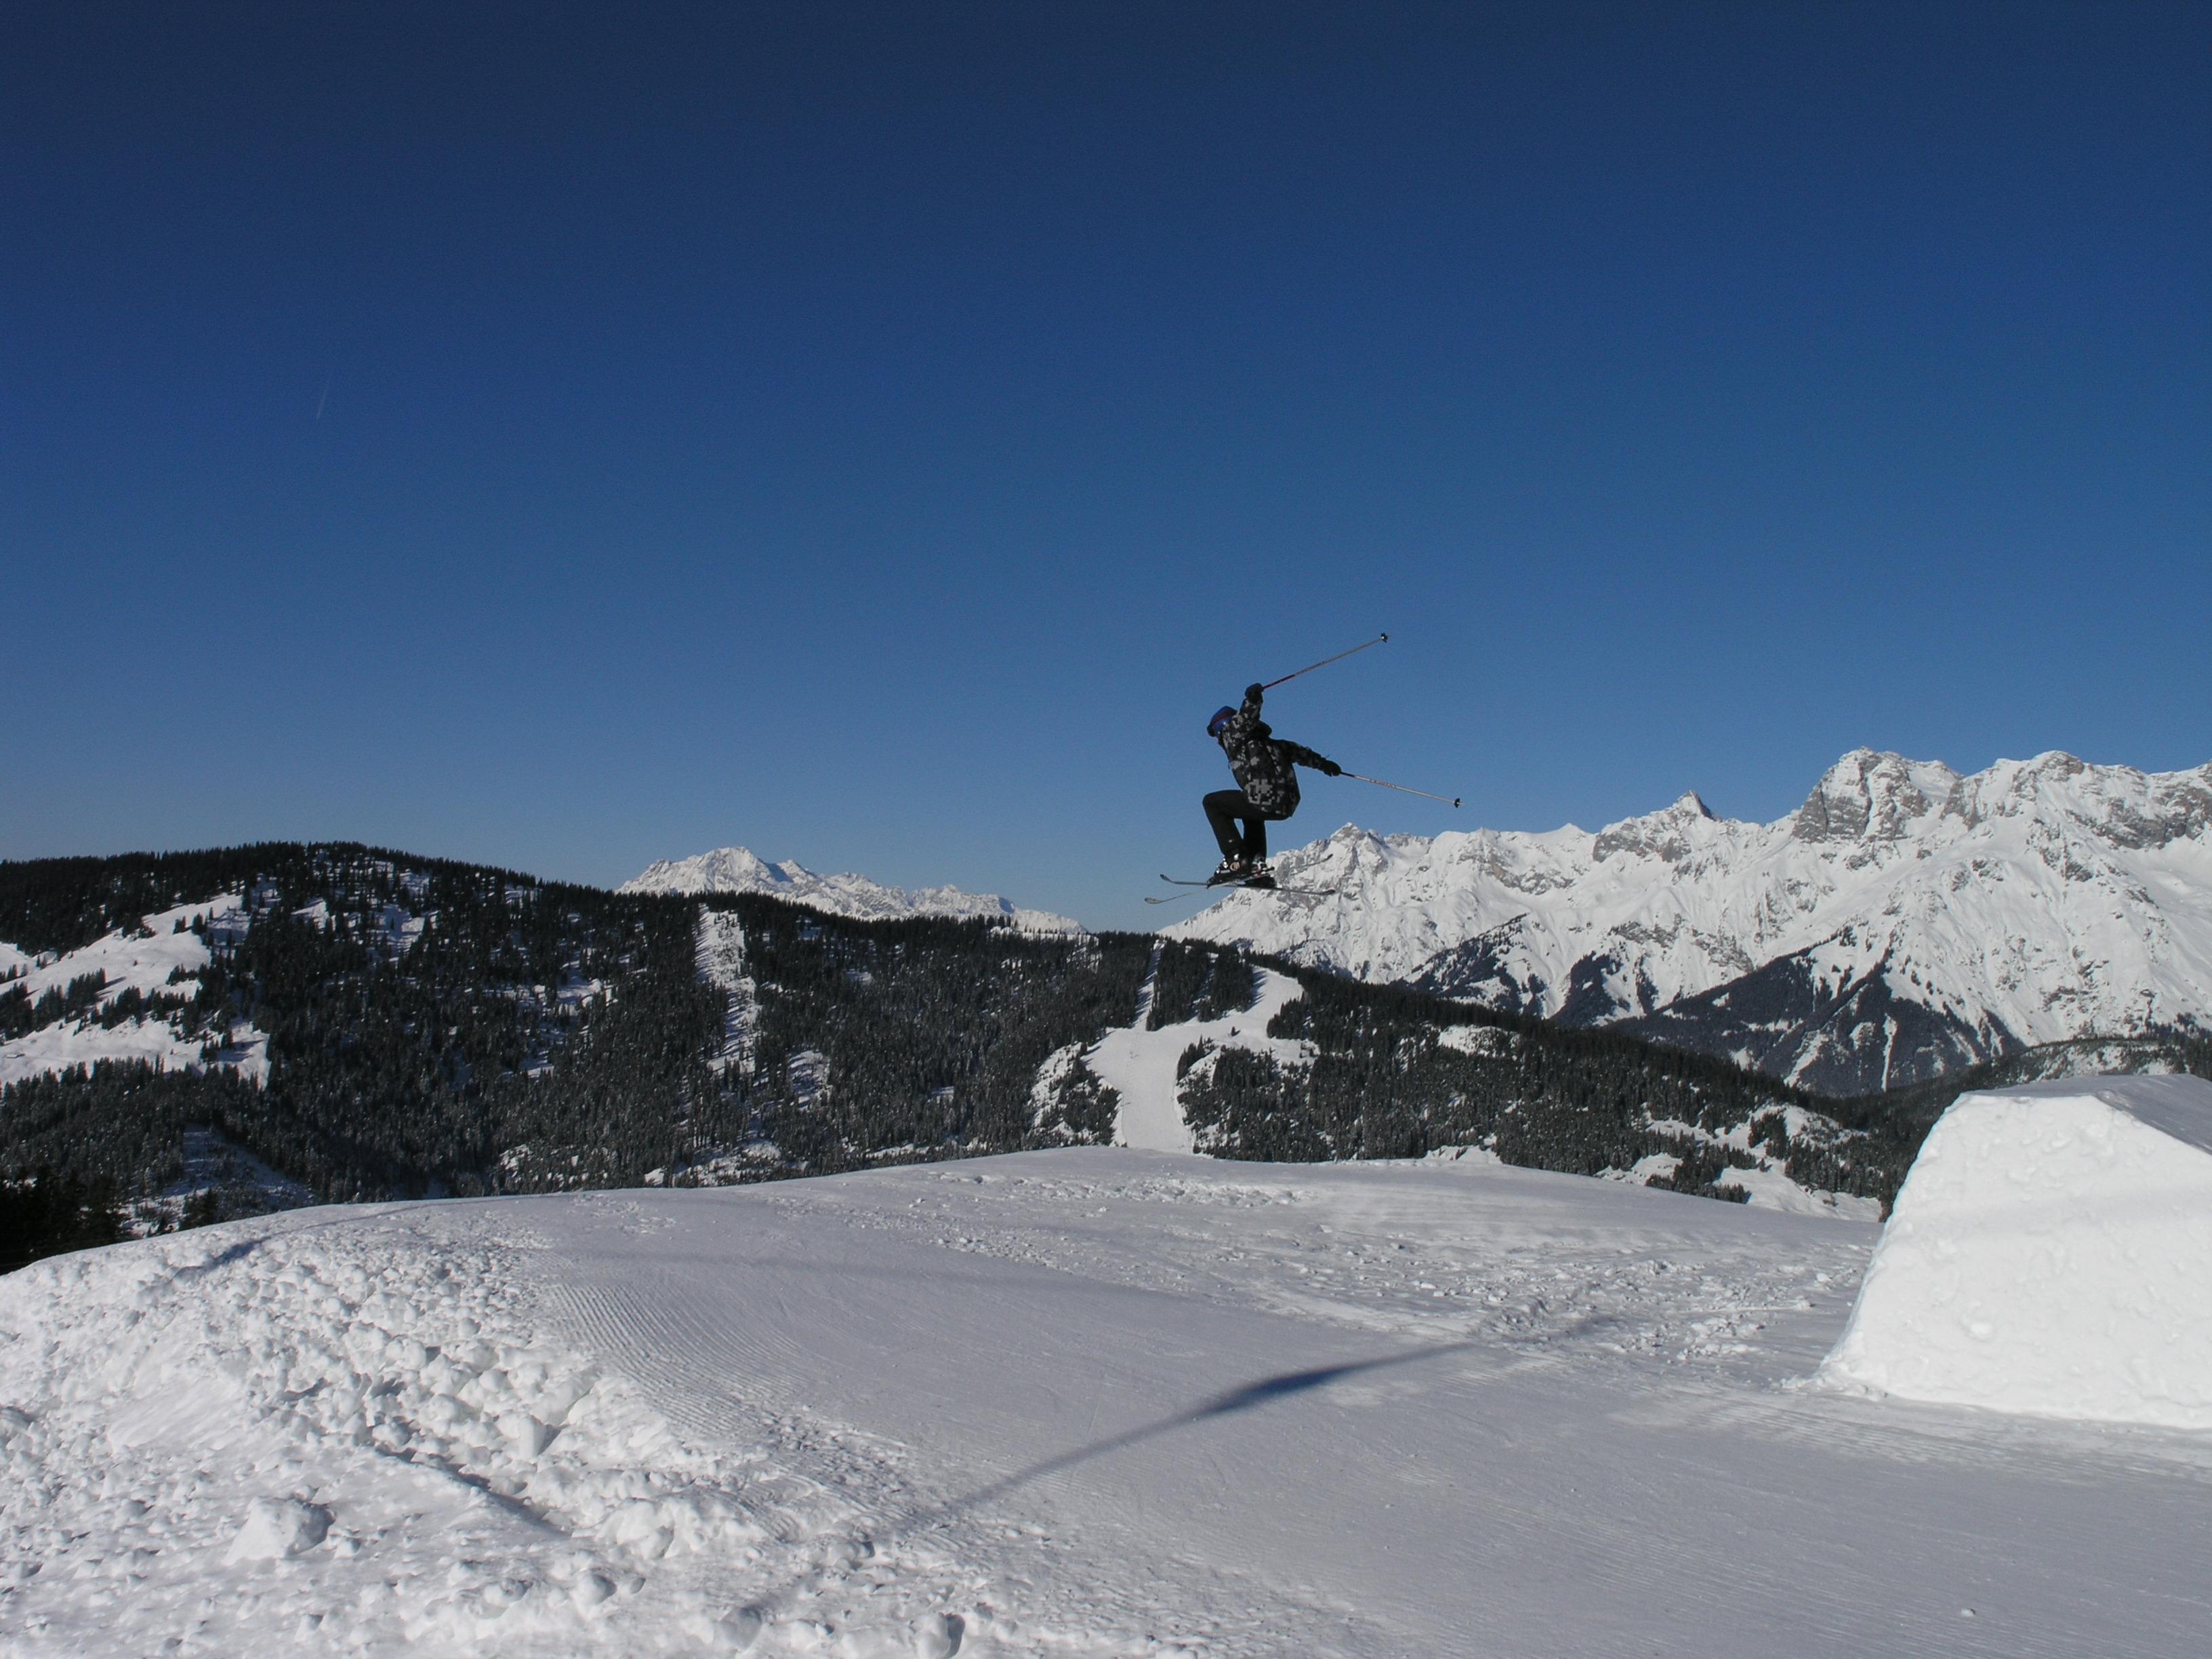 Nick getting Air!, Hochkönig